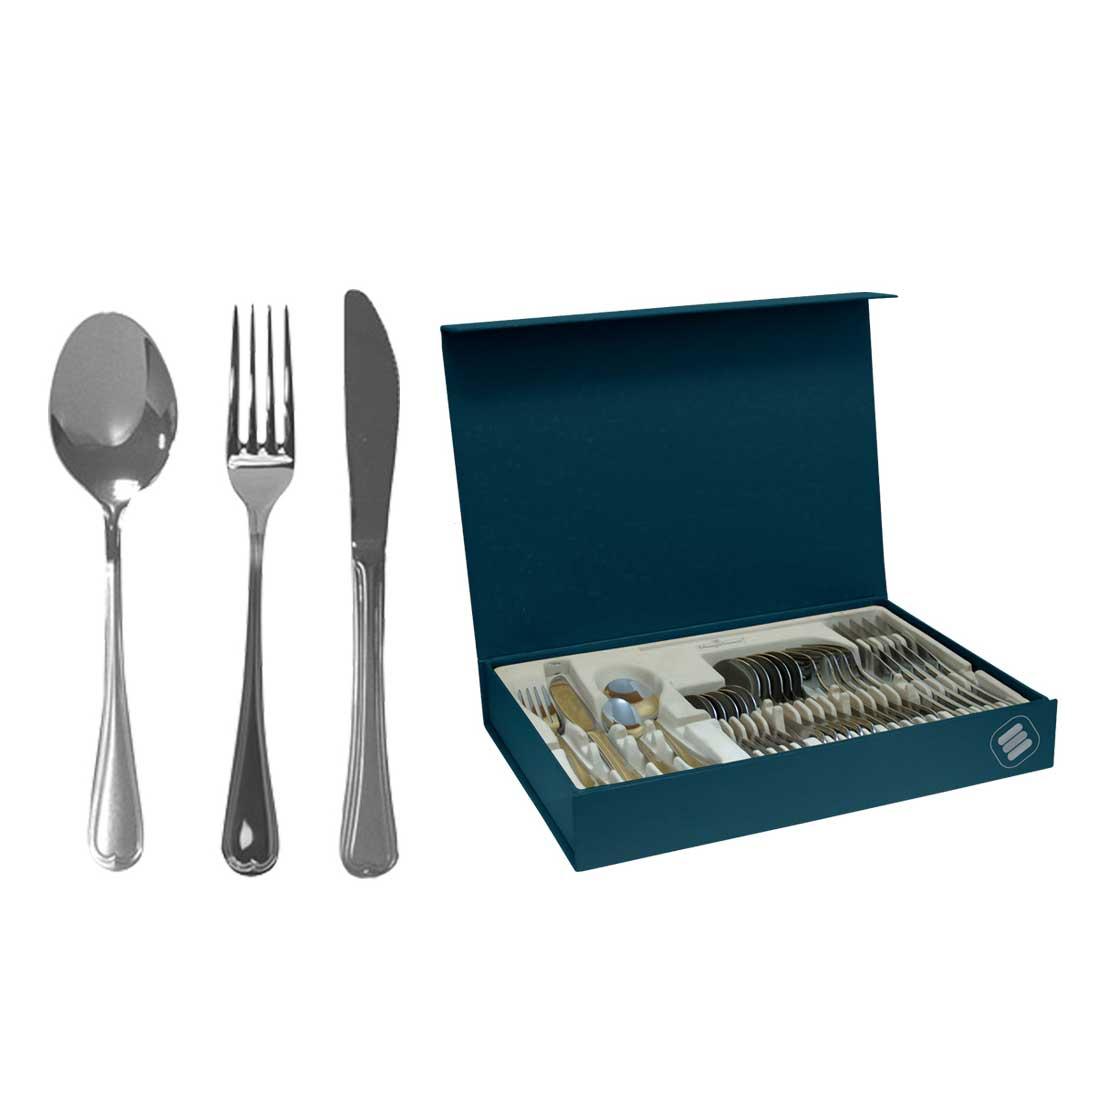 Pribor za ručavanje za 6 osoba - Cordoba kutija